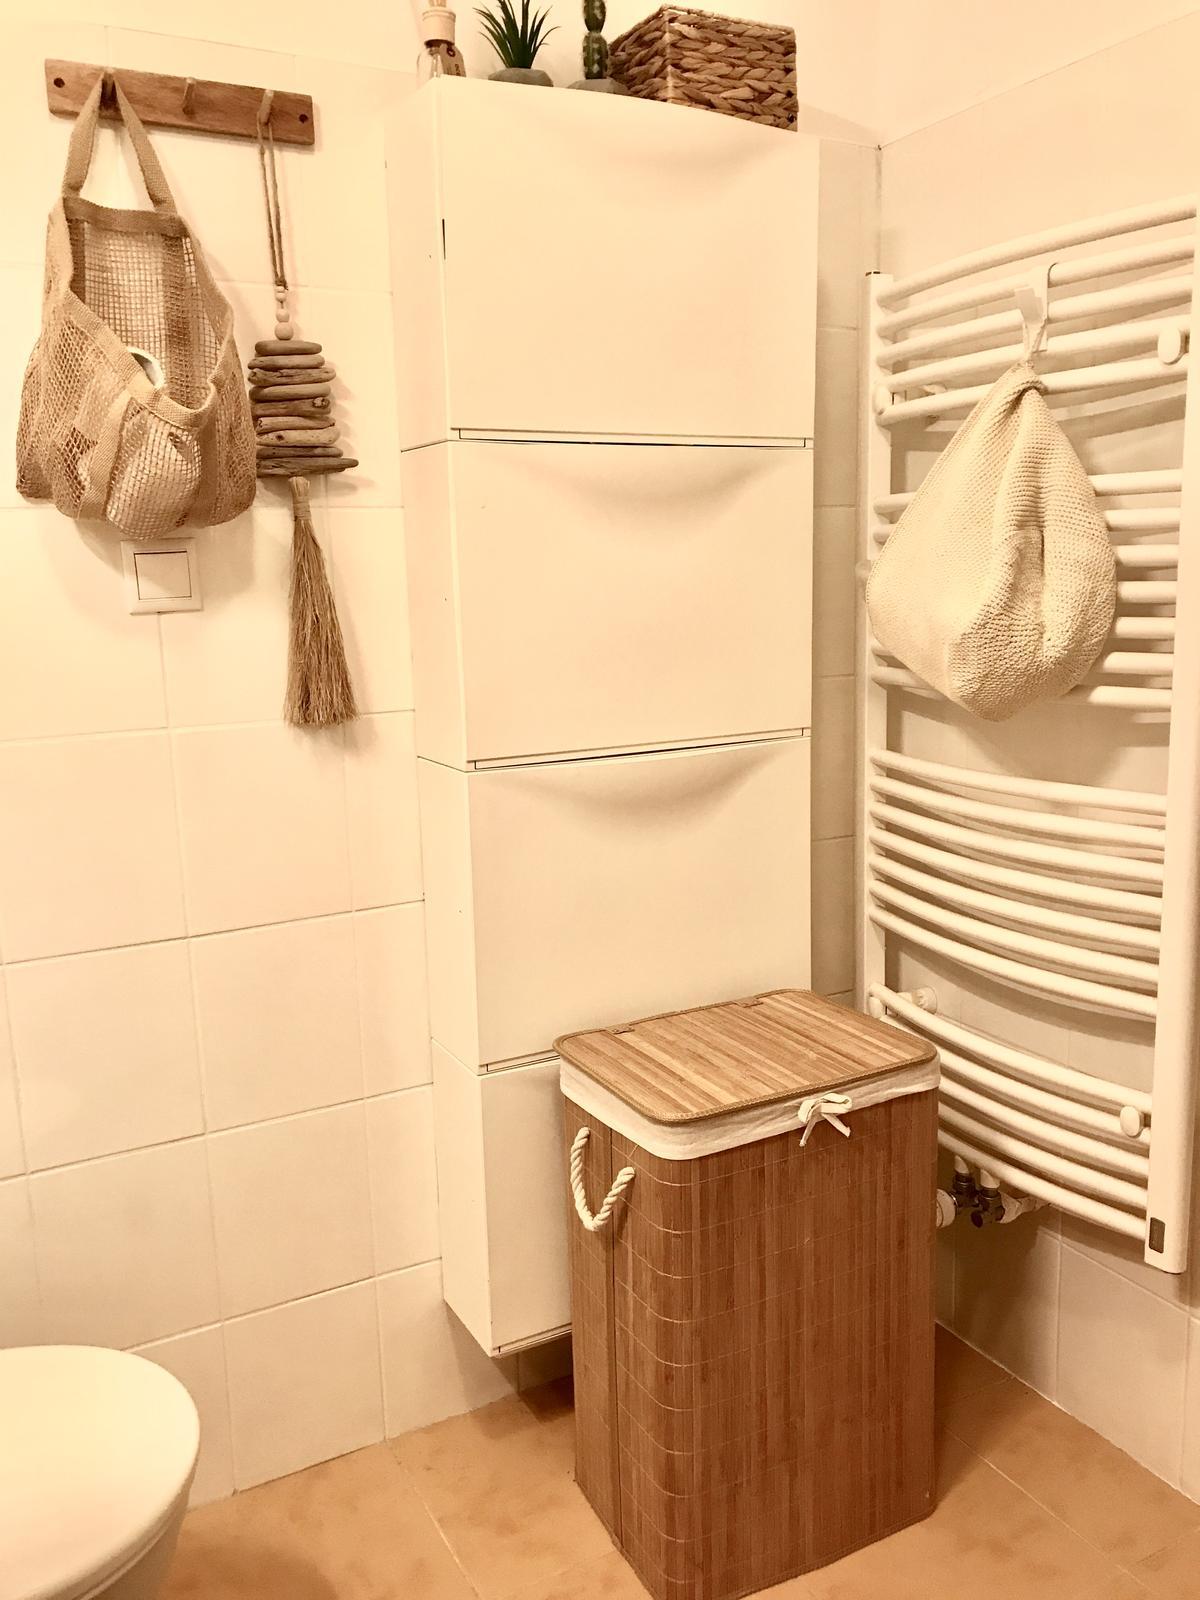 Z příšerné koupelny tvořím trochu lepší 💪 - Obrázek č. 44